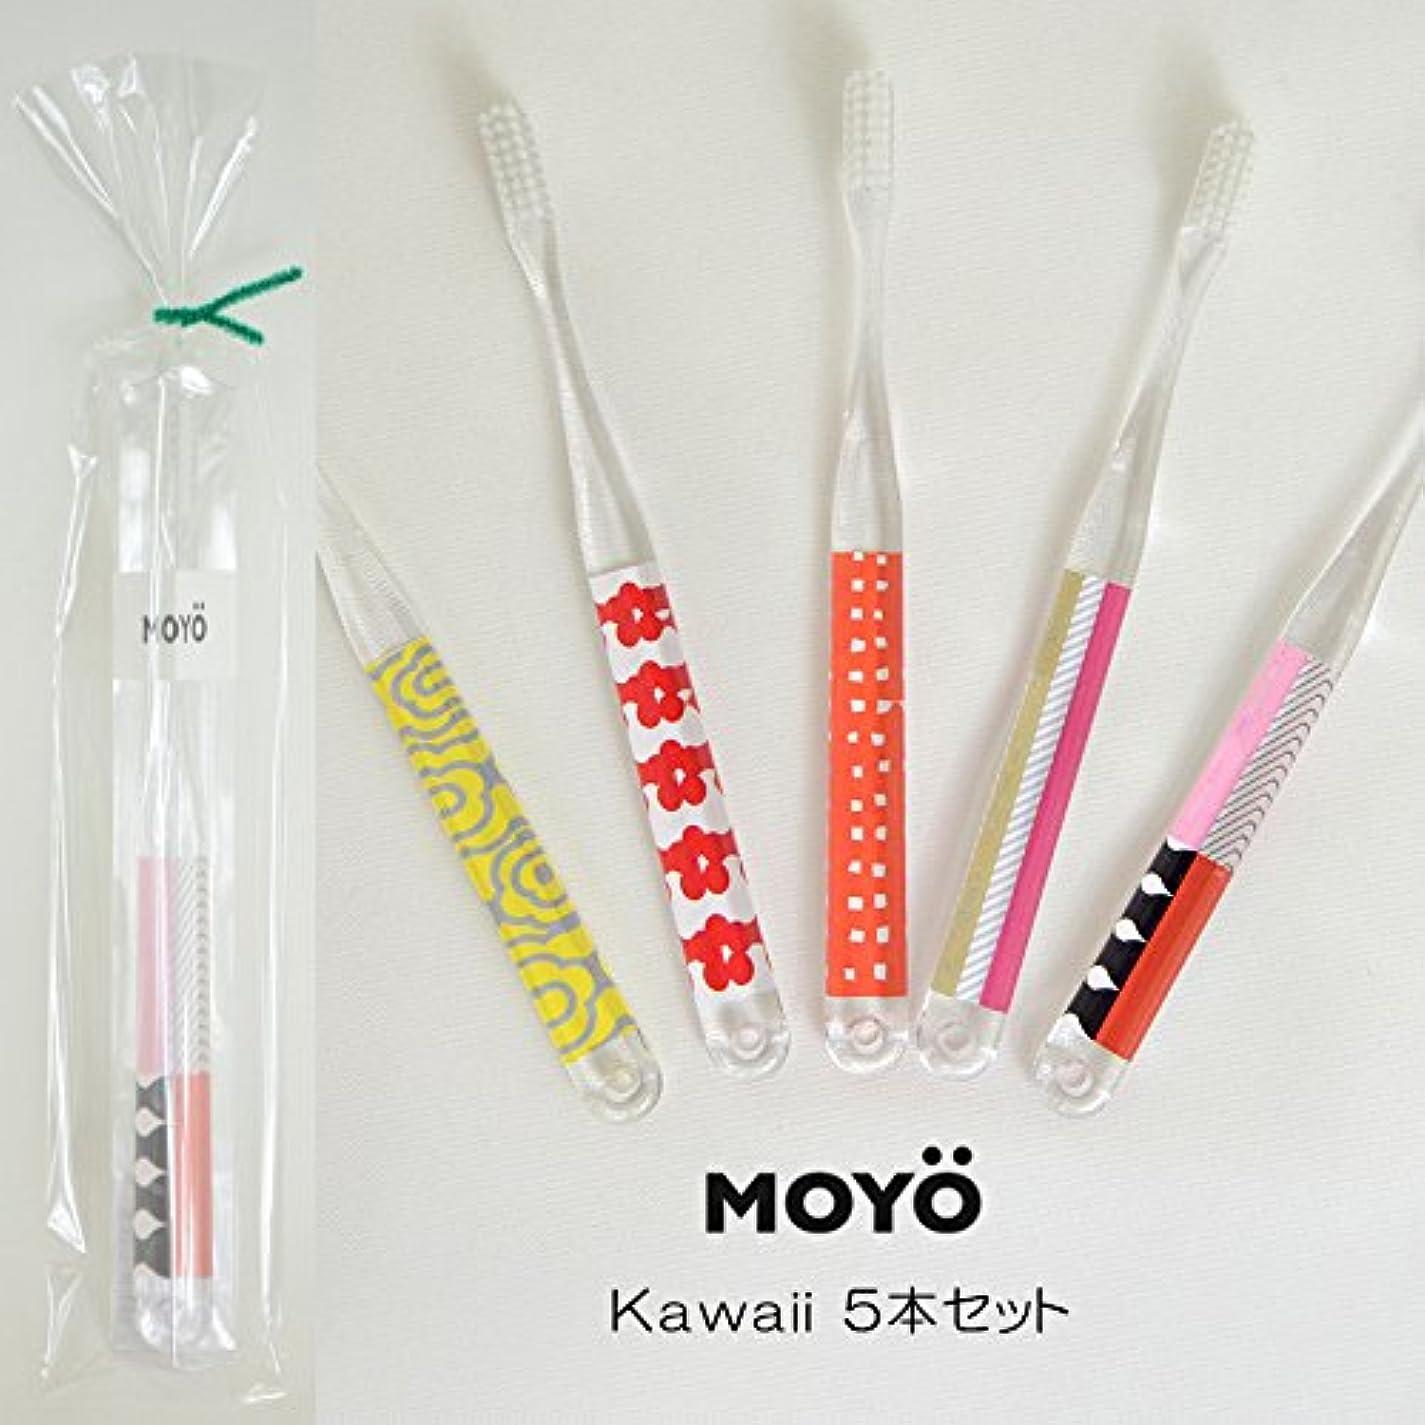 開梱フェードプレーヤーMOYO モヨウ 歯ブラシ kawaii5本 プチ ギフト セット_562302-kawaii 【F】,kawaii5本セット